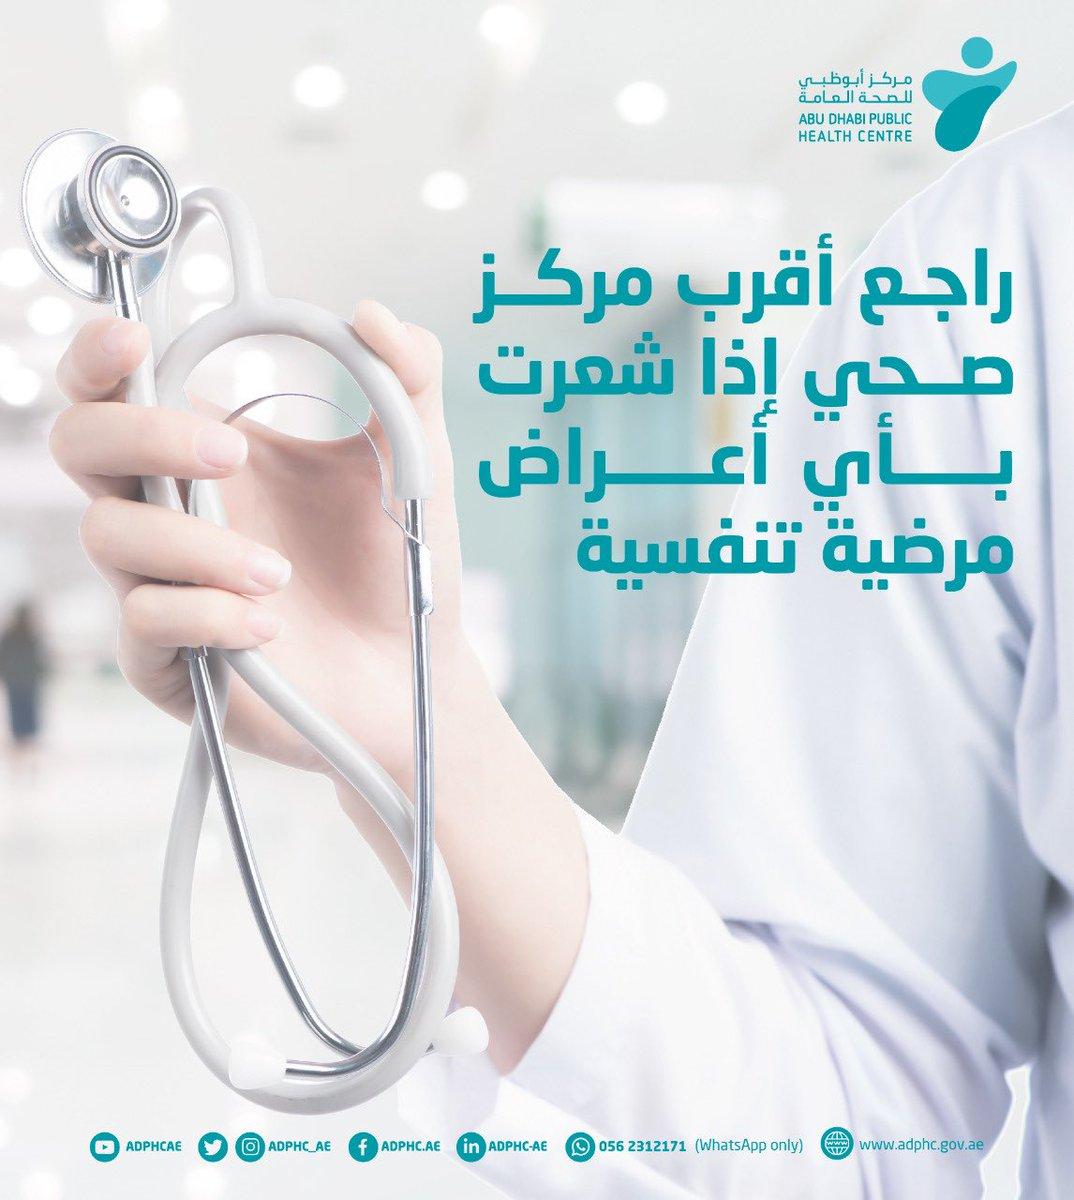 في حال ظهور أعراض مرضية للجهاز التنفسي يرجى التواصل فوراً على رقم استجابة 8001717 أو التوجه إلى أقرب مركز صحي  #مركز_أبوظبي_للصحة_العامة #نحو_مجتمع_يتمتع_بالصحة_والسلامة #كوفيد19 #كورونا #فيروس_كورونا #نلتزم_لننتصر